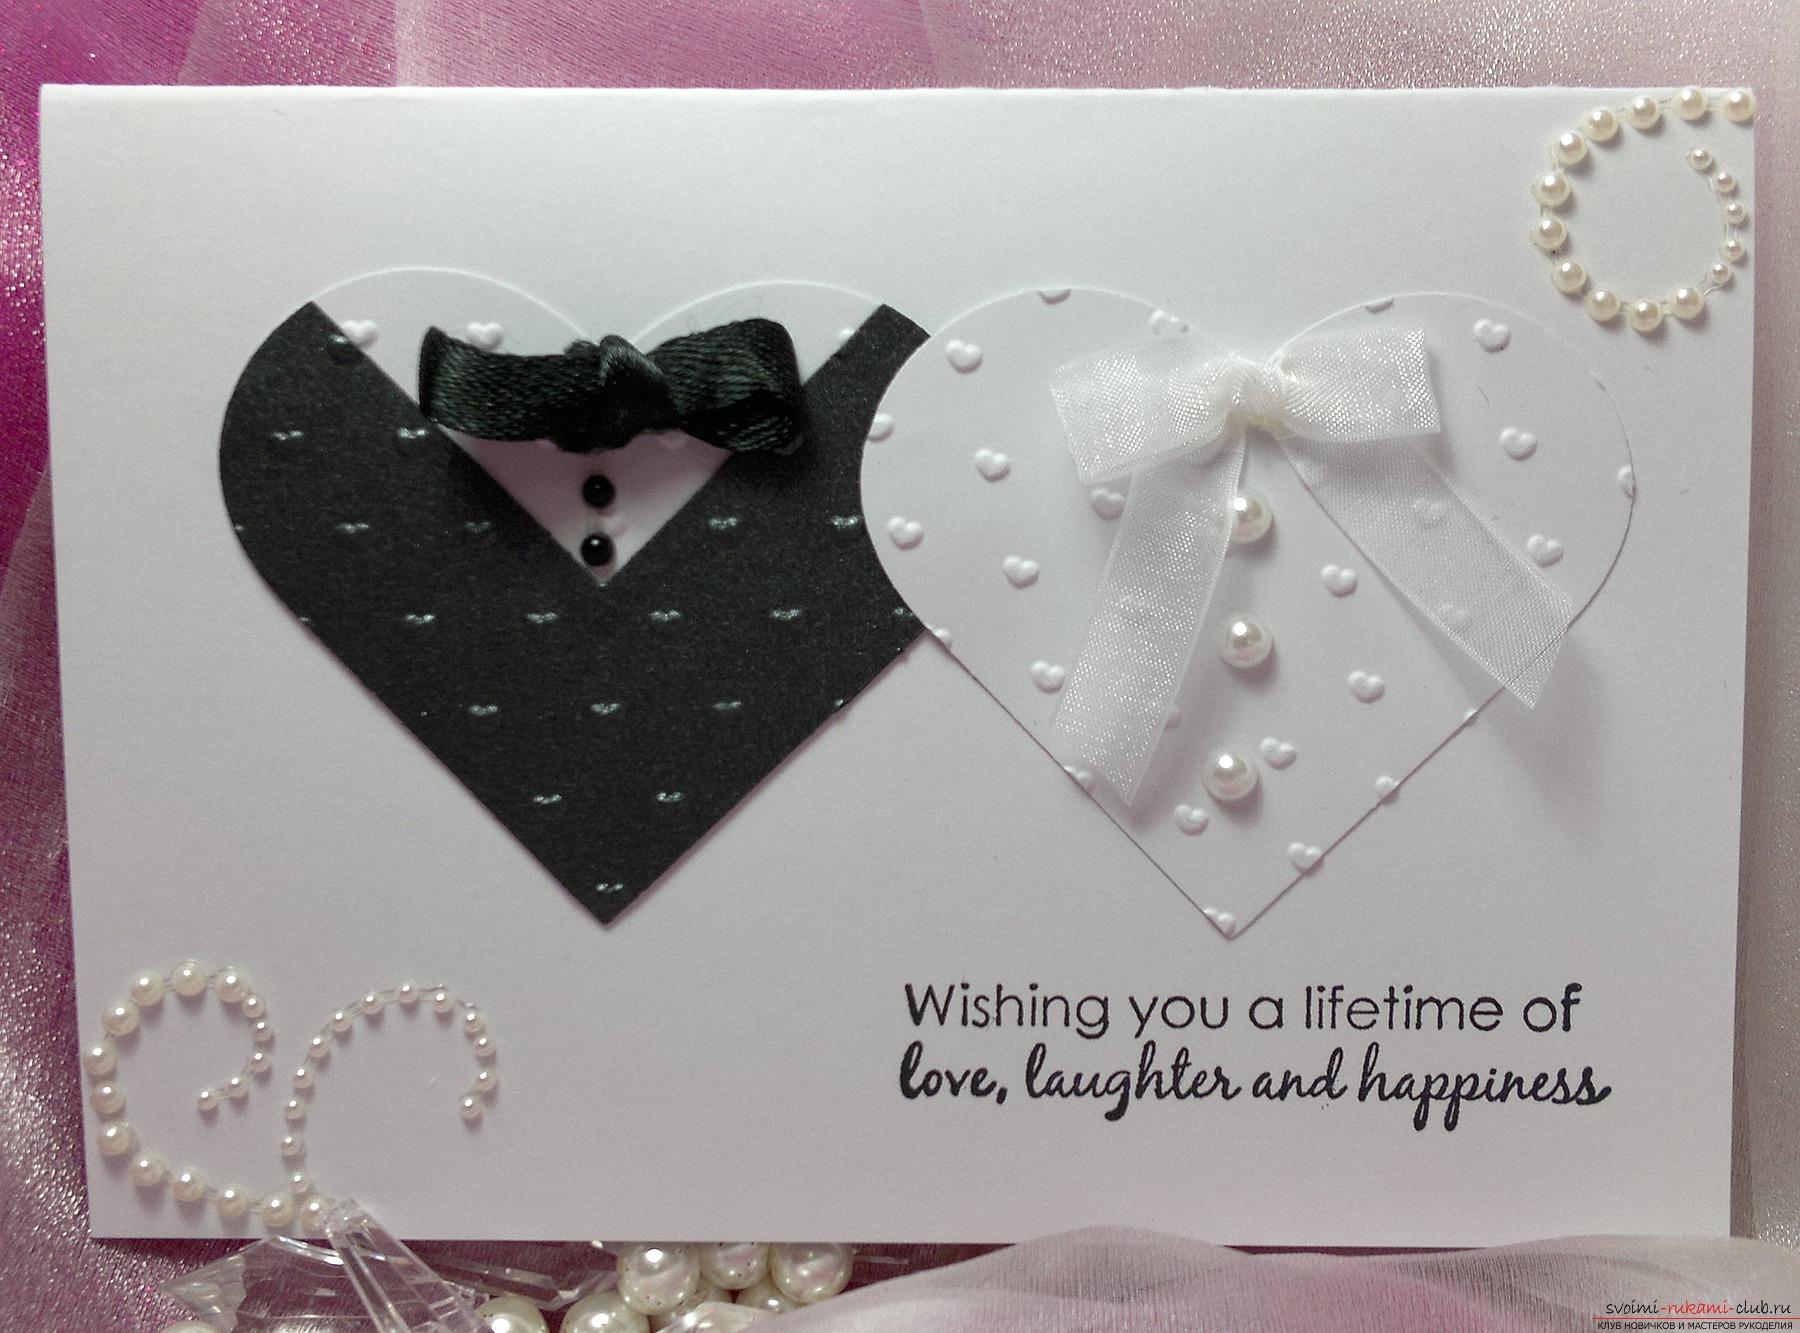 фэшн-фотограф, несложные открытки на свадьбу даже сравнение